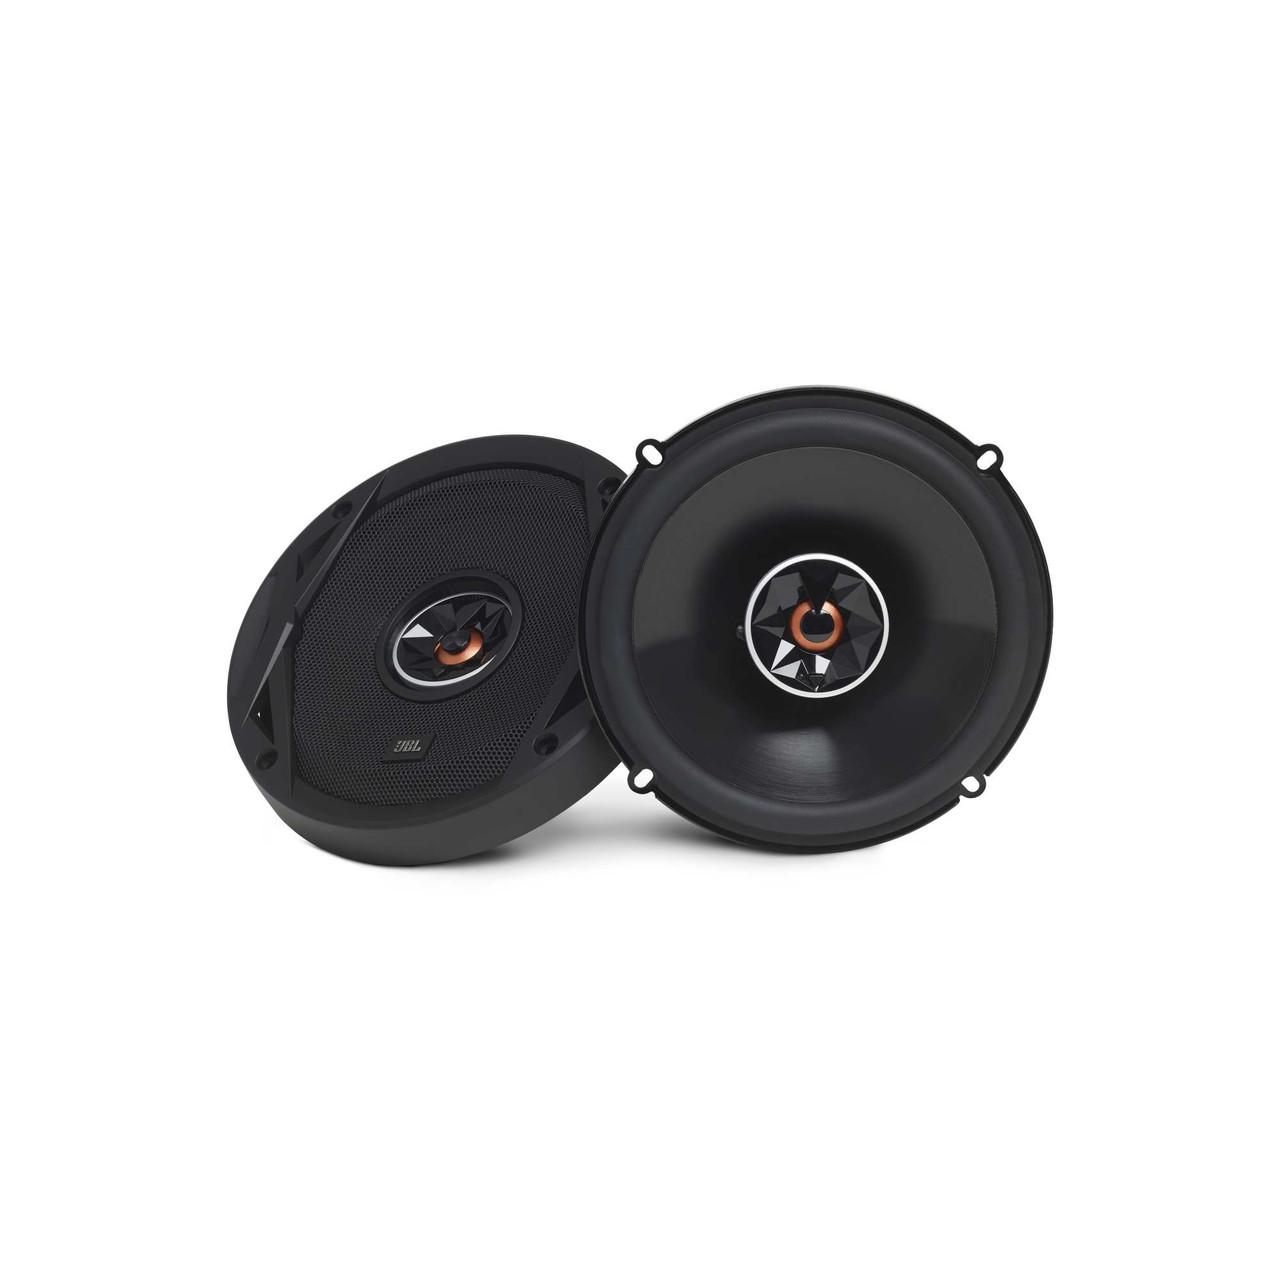 JBL CLUB-6520 Club Series 6.5 Inch Two-way Car Audio Speakers - Pair -  Creative Audio